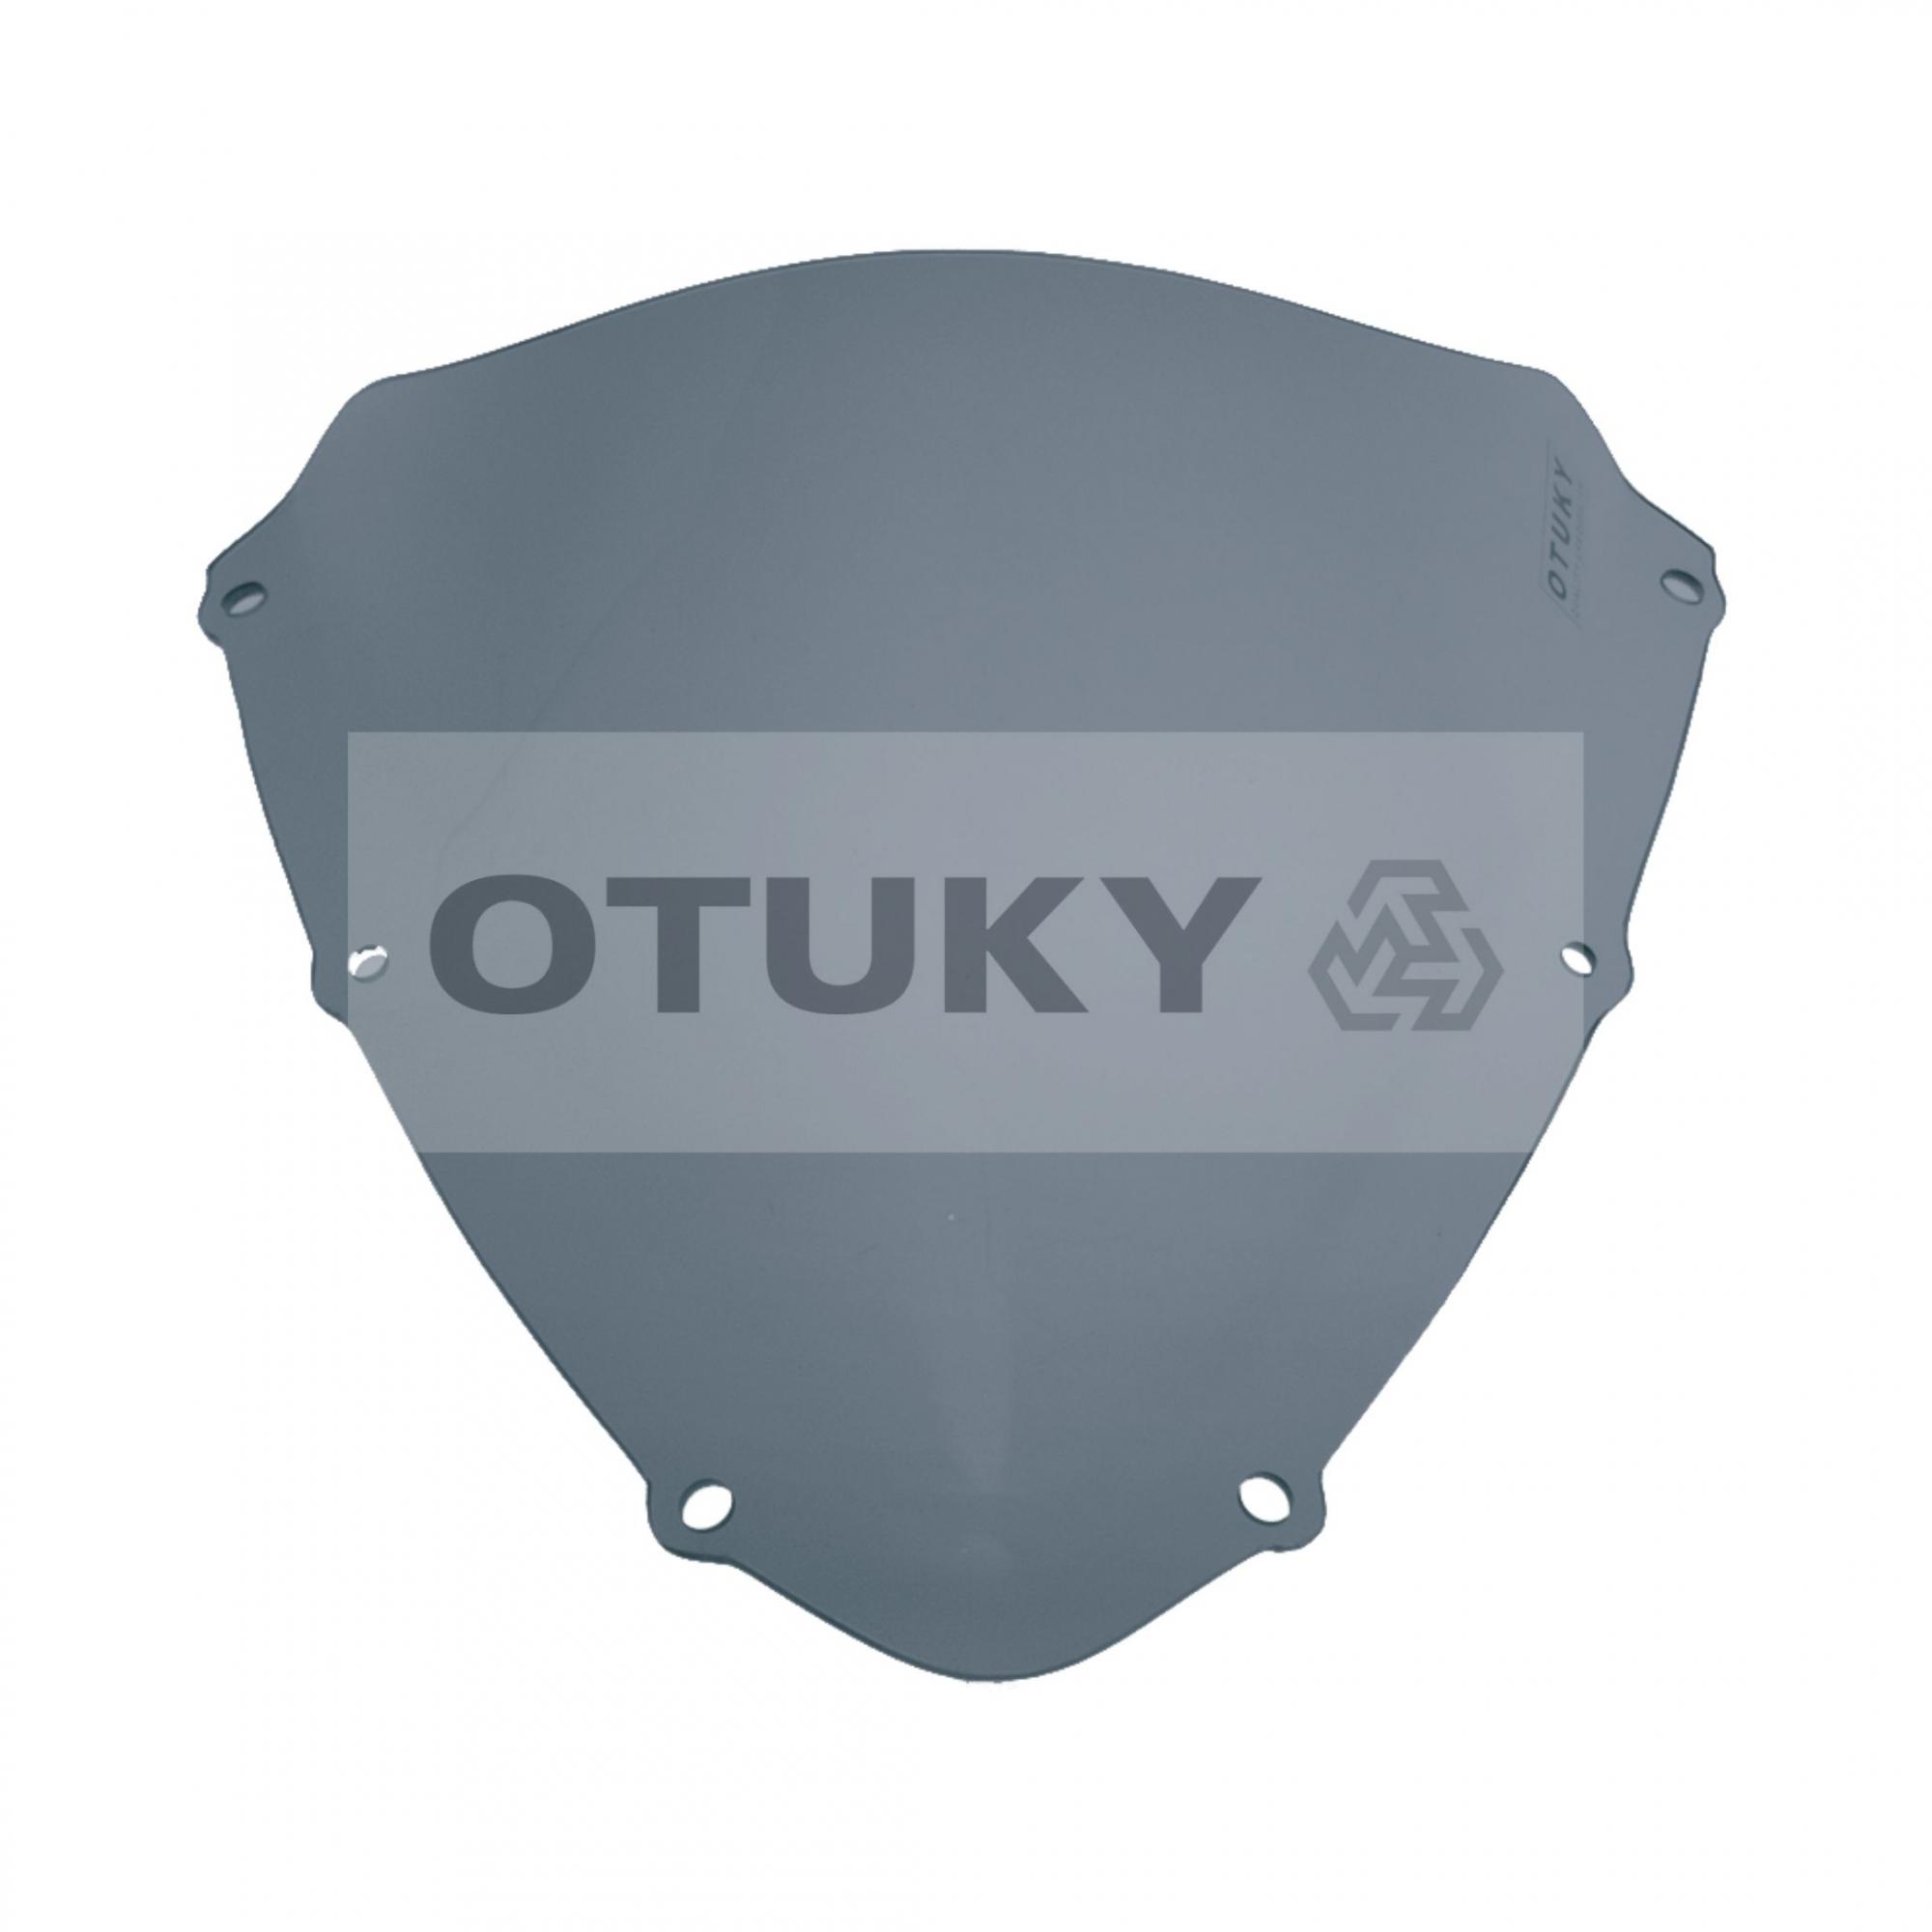 Bolha para Moto Srad 750 GSX-R 2010 2011 2012 2013 Otuky Padrão Fumê Escuro Azulado